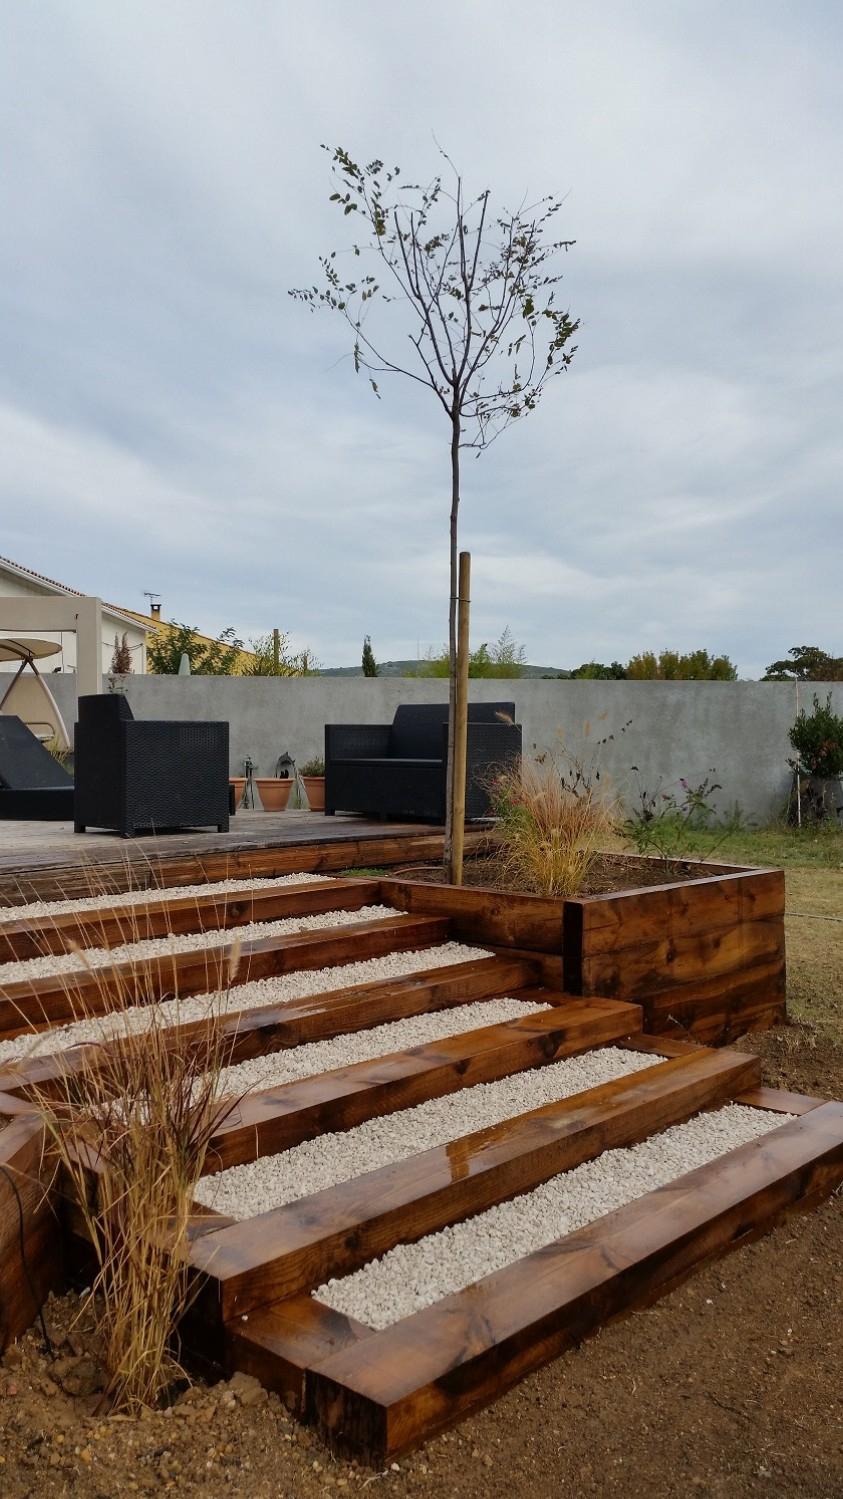 Bois Pour L'aménagement De Votre Jardin - Paysagiste Sète avec Traverse Bois Pour Jardin